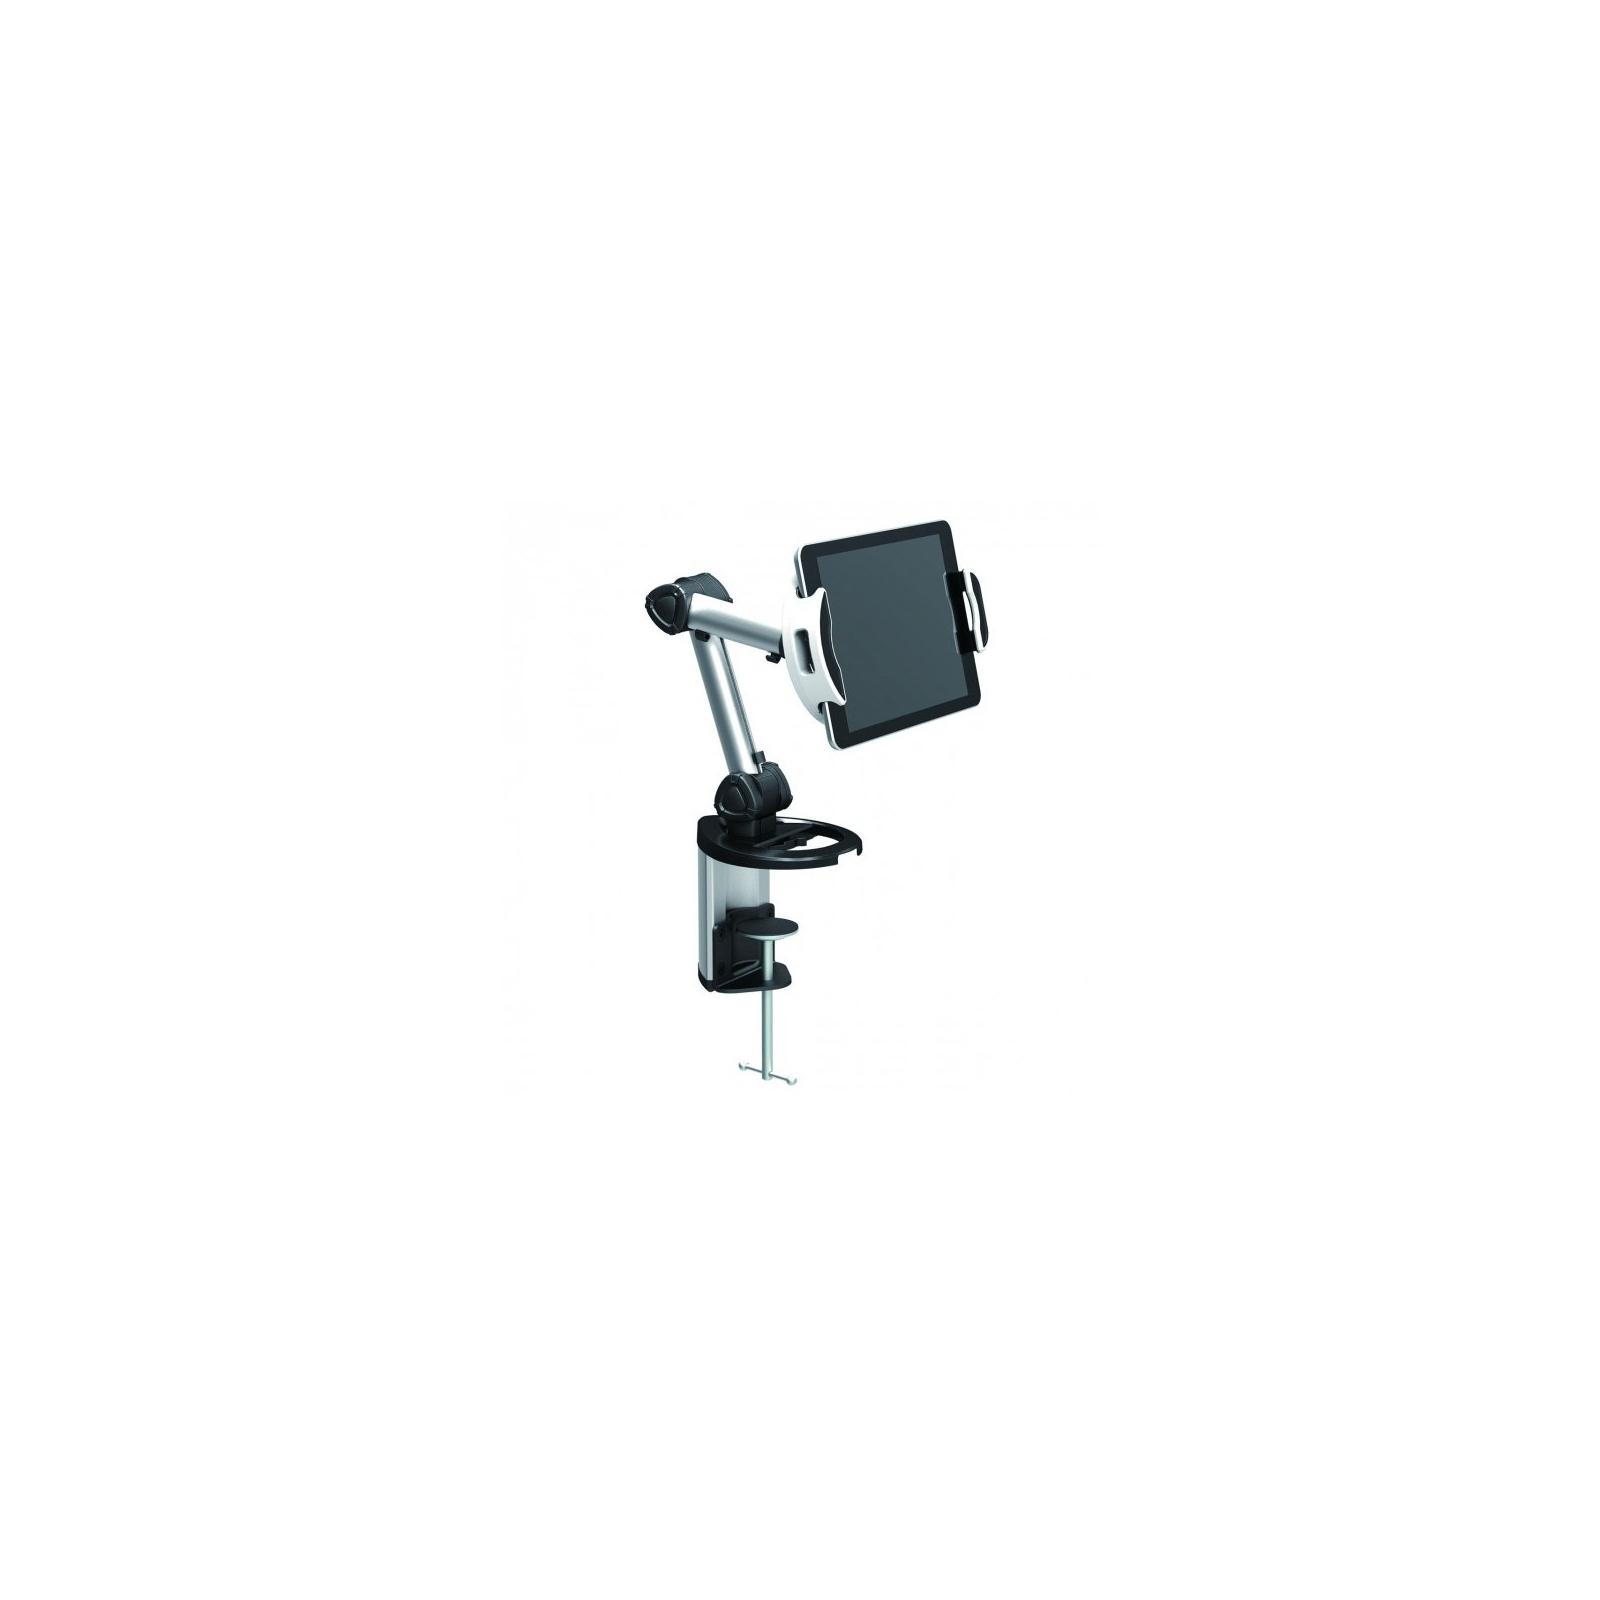 Крепление для планшета ITech ShowPad17 изображение 3